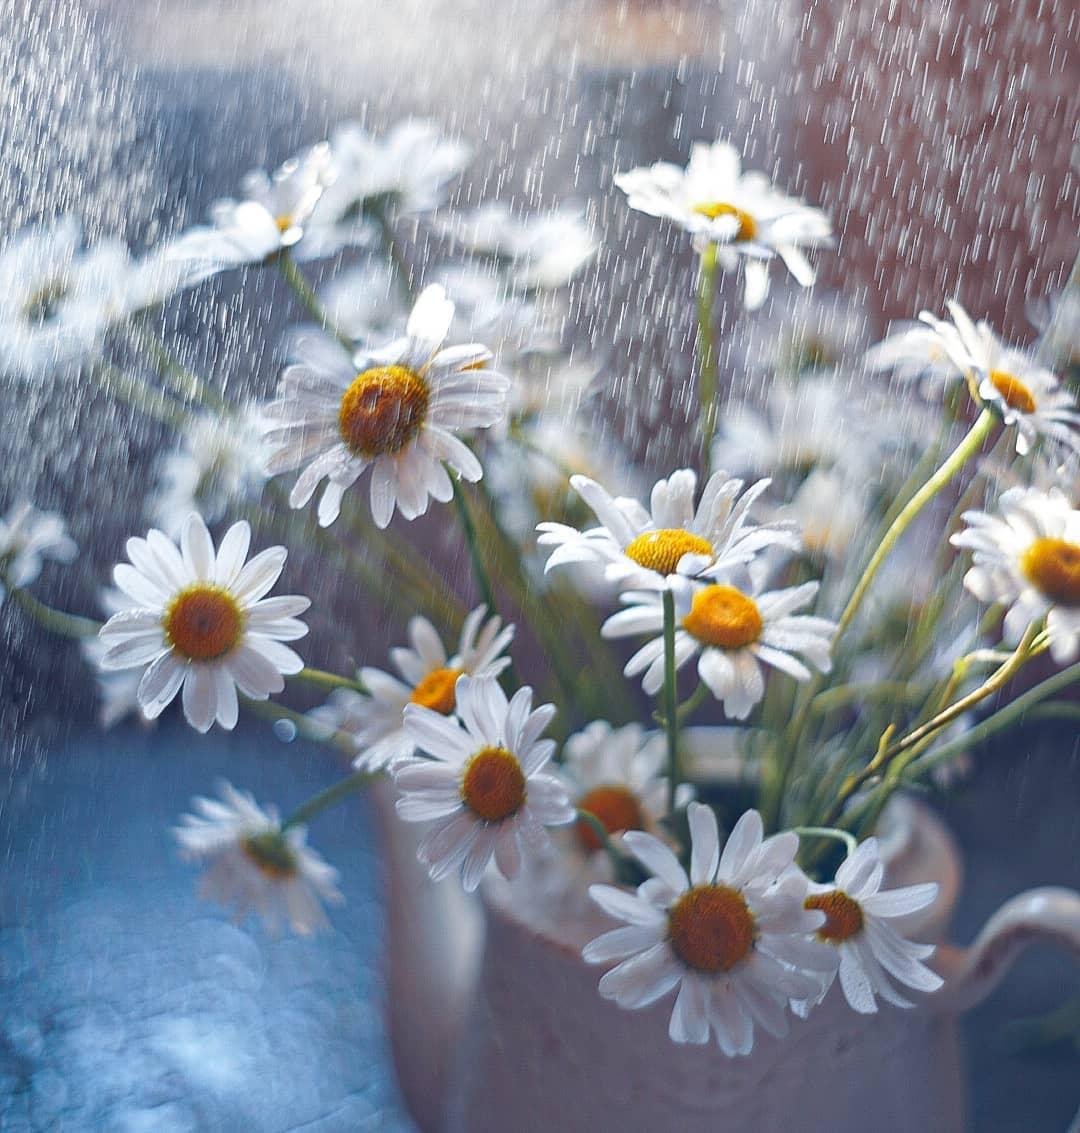 Фото Ромашки под каплями дождя, by Valeriya_nkas